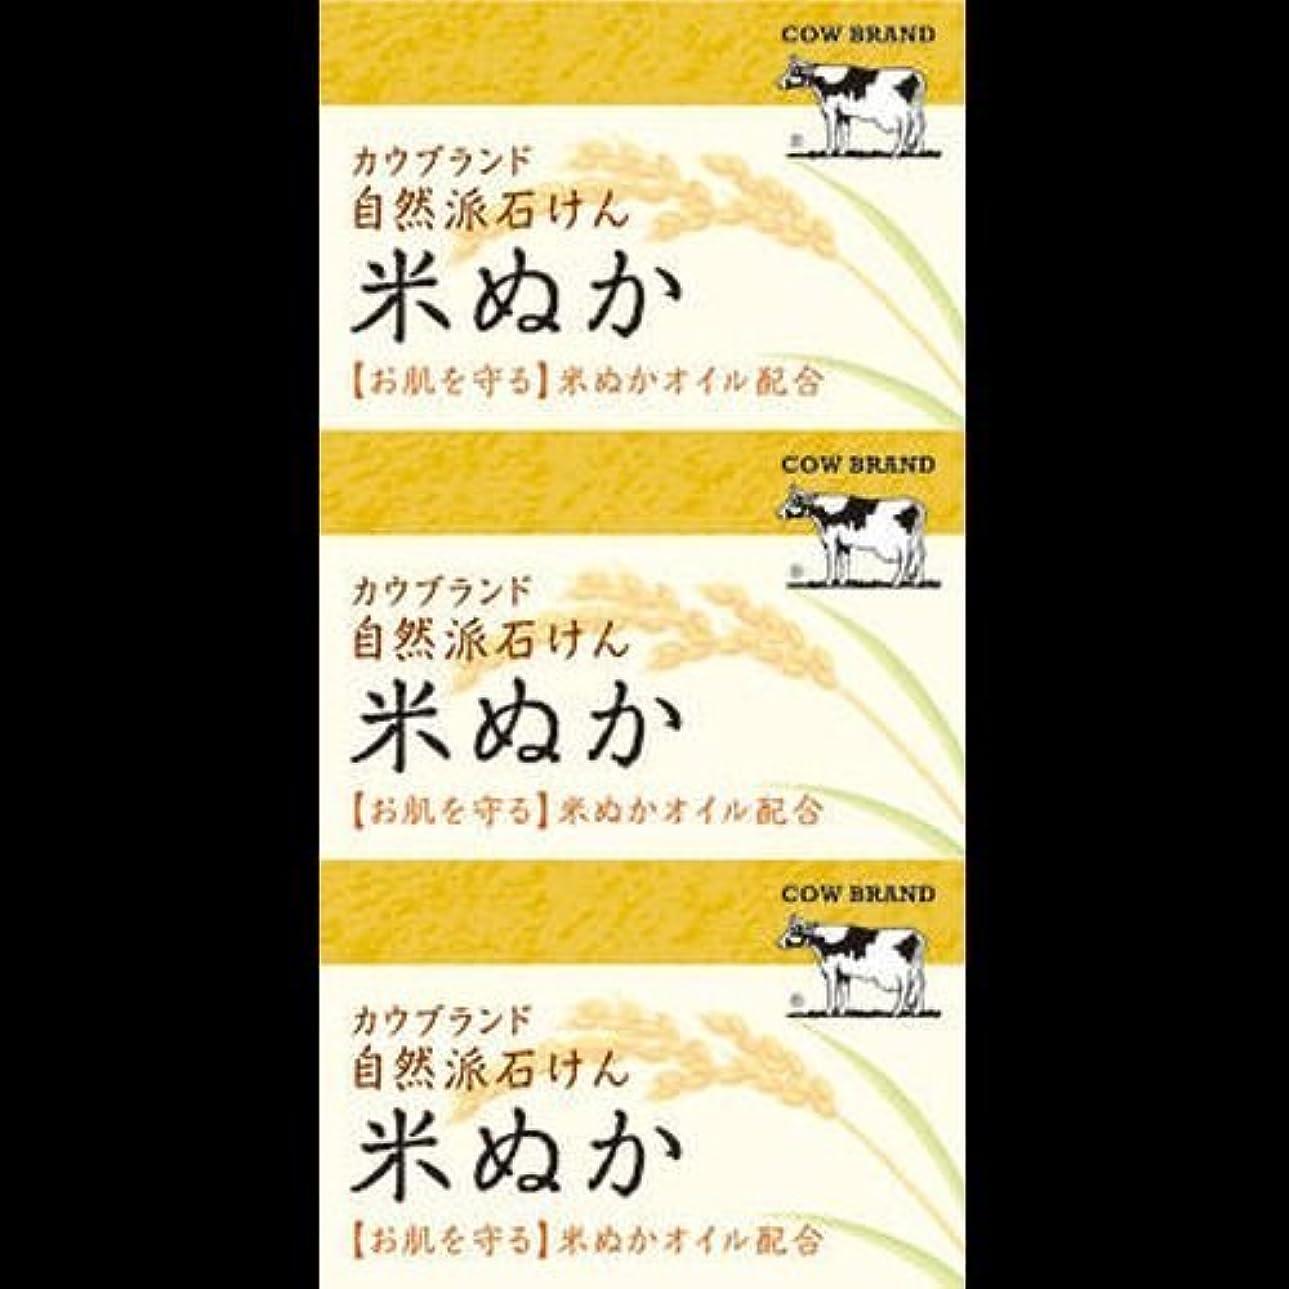 ミリメーター黒人一貫した【まとめ買い】カウブランド 自然派石けん 米ぬか 100g*3個 ×2セット